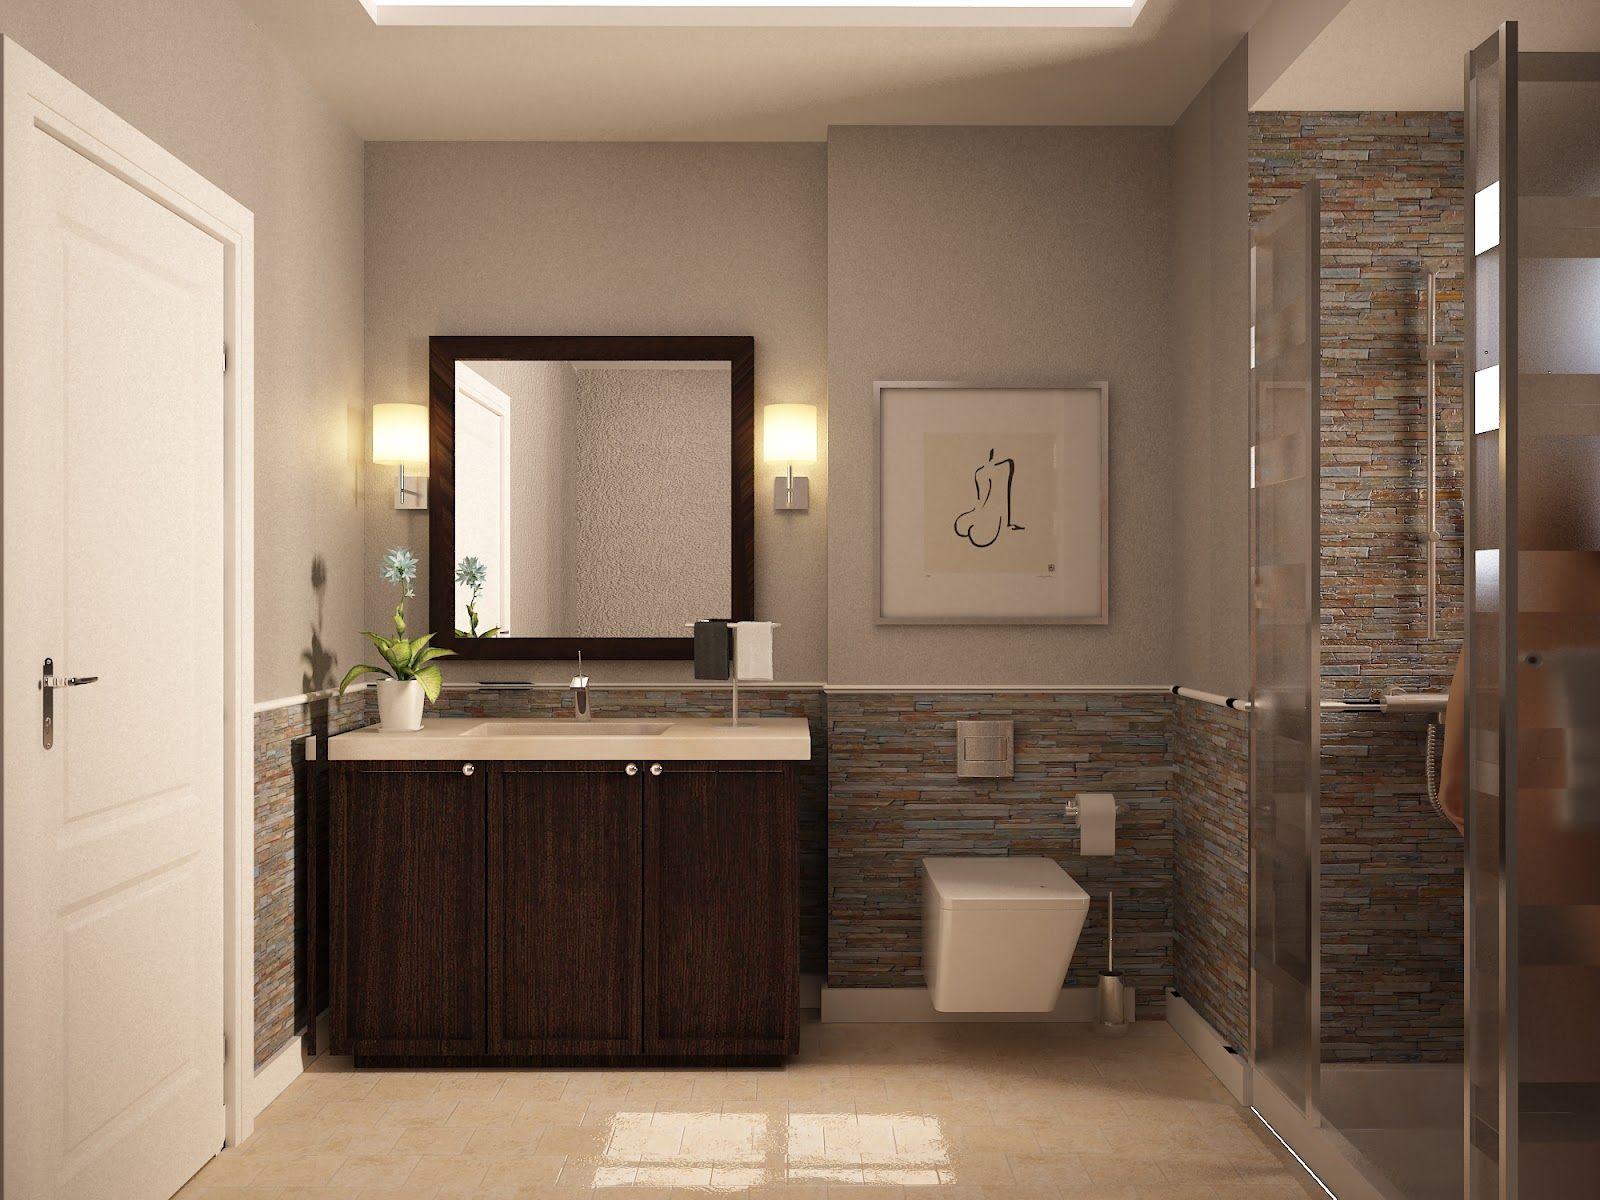 Guest Room Bathroom Bathroom Color Schemes Small Bathroom Colors Best Bathroom Colors